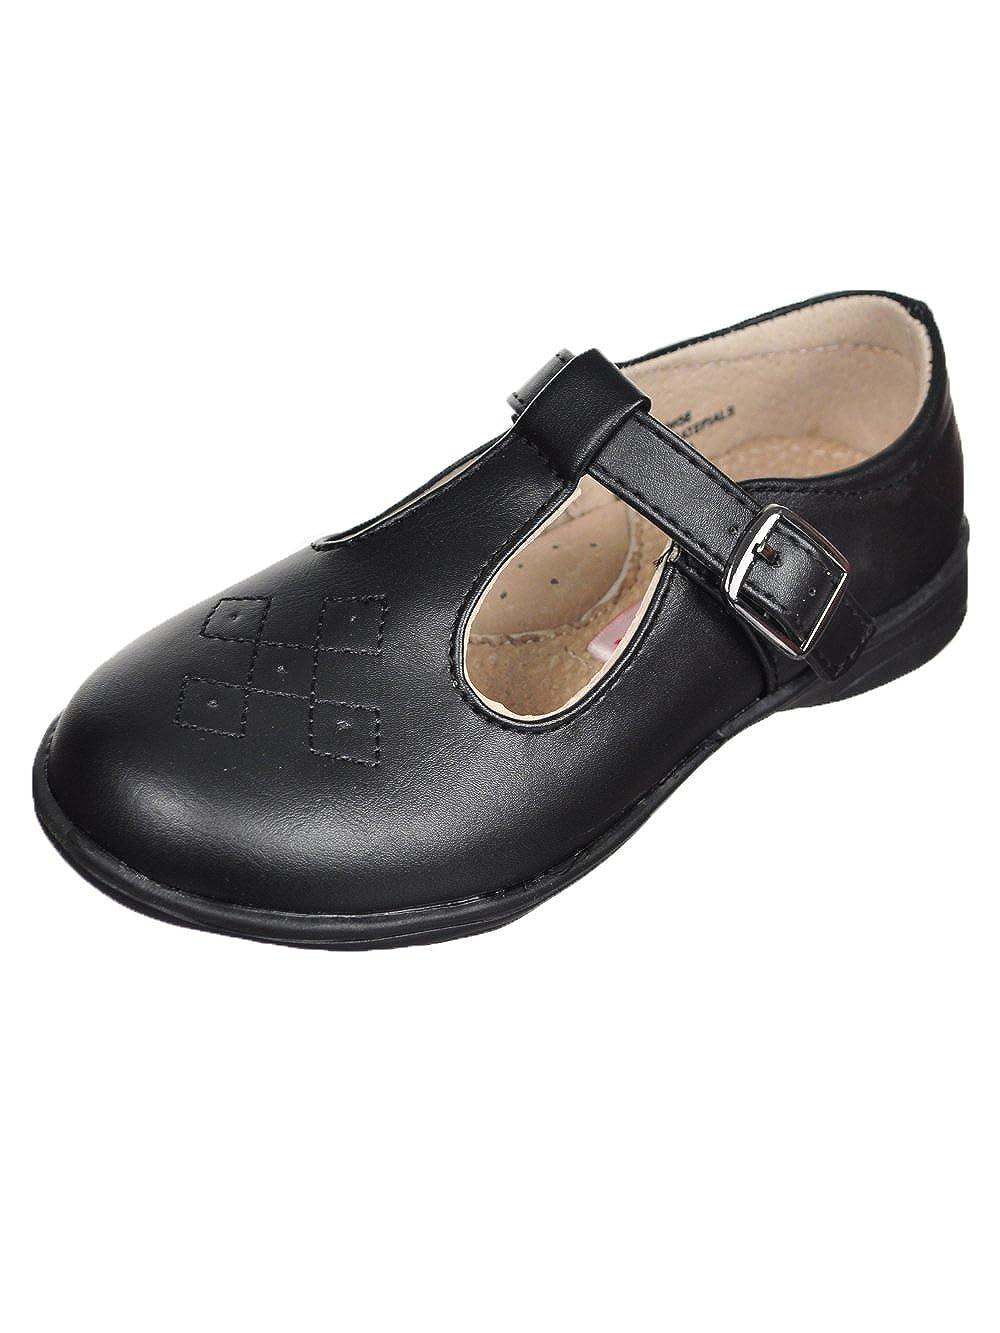 Laura Ashley Girls' Mary Jane Shoes